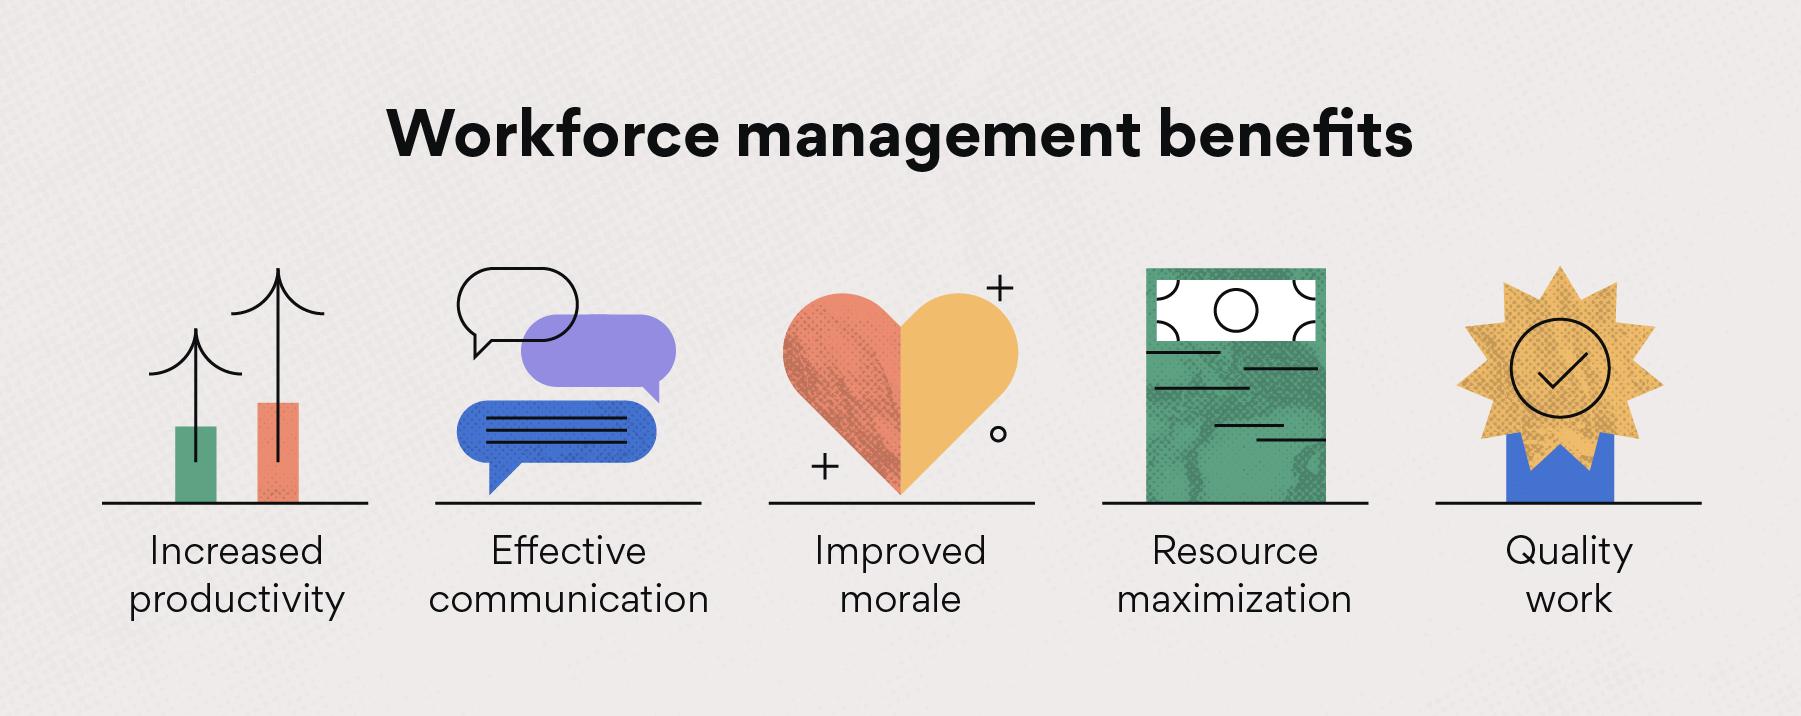 Workforce management benefits